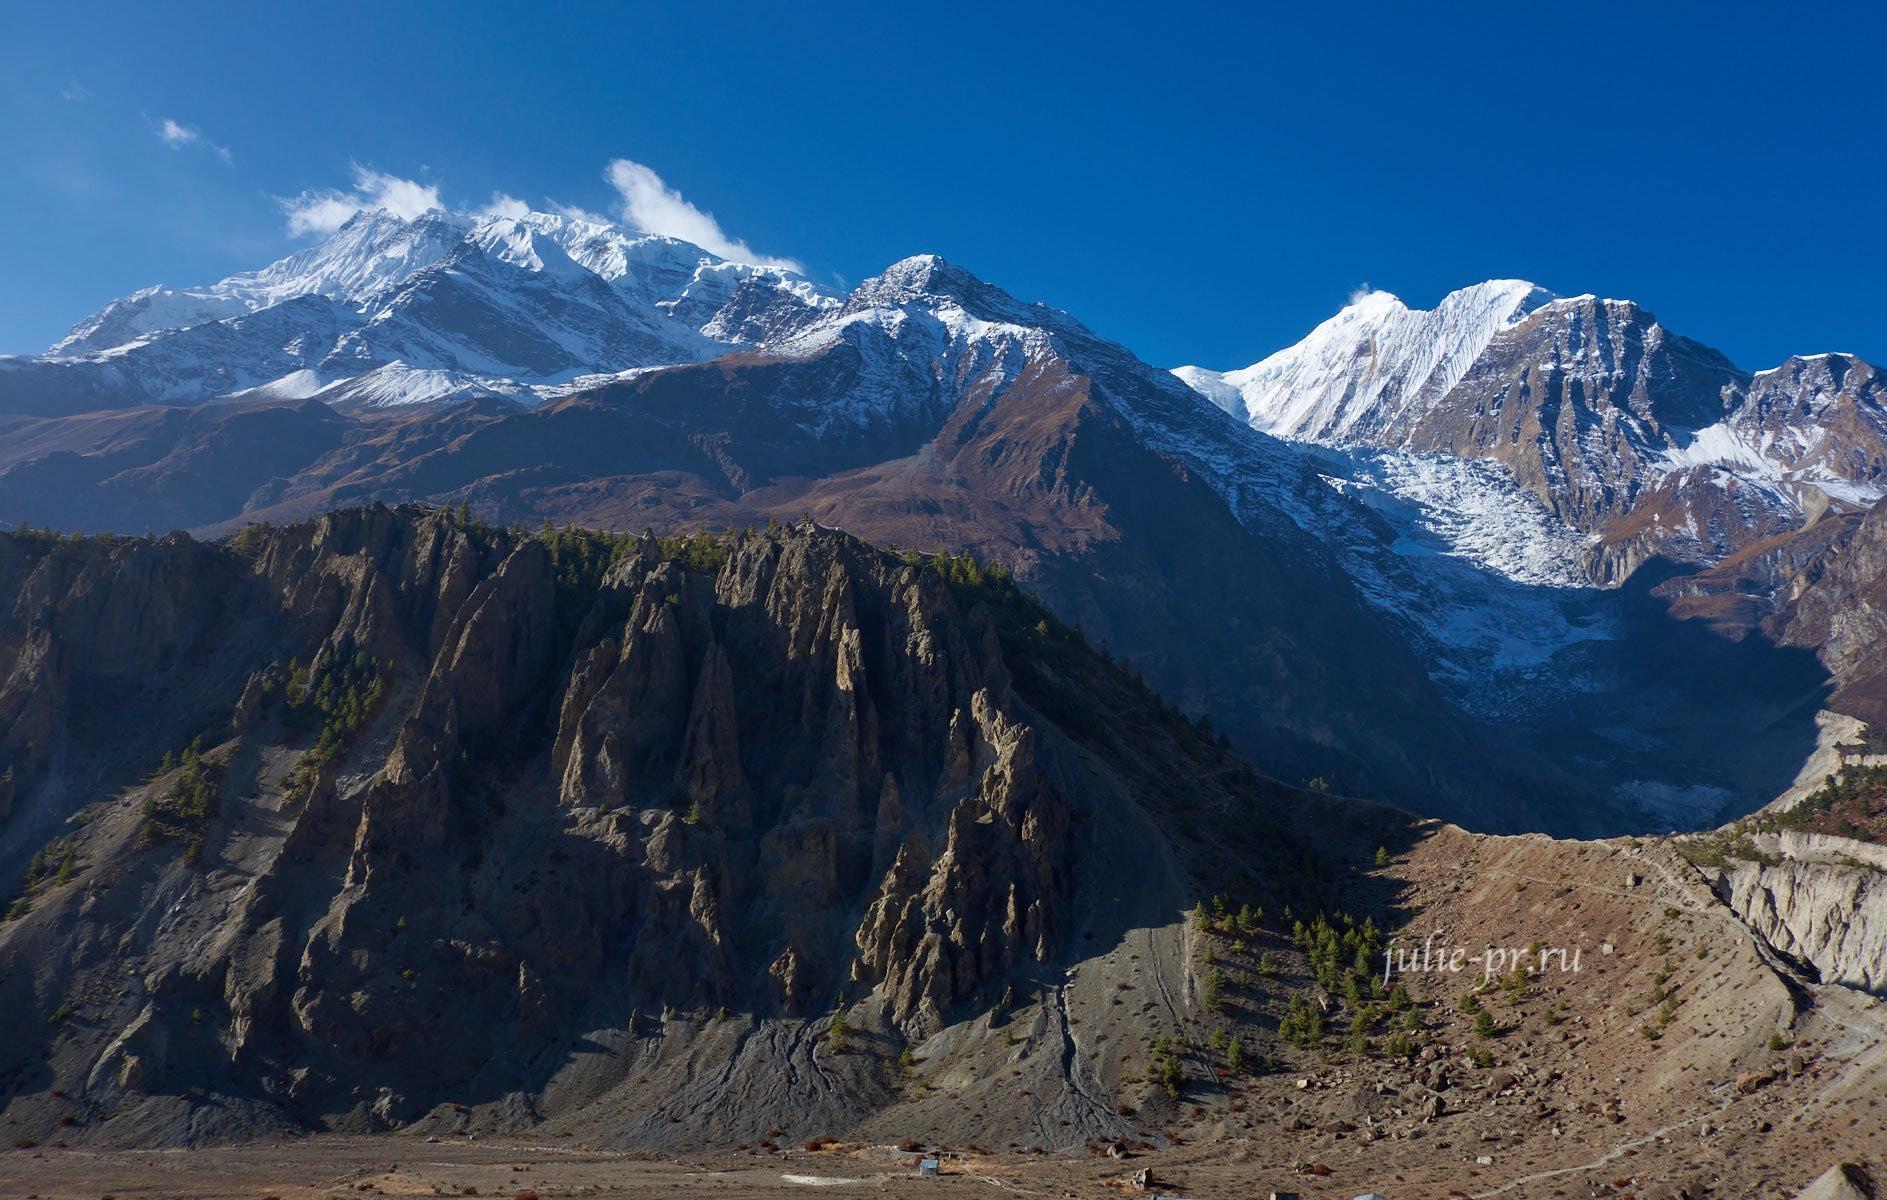 Непал, Трек вокруг Аннапурны, Аннапурна-III, Гангапурна